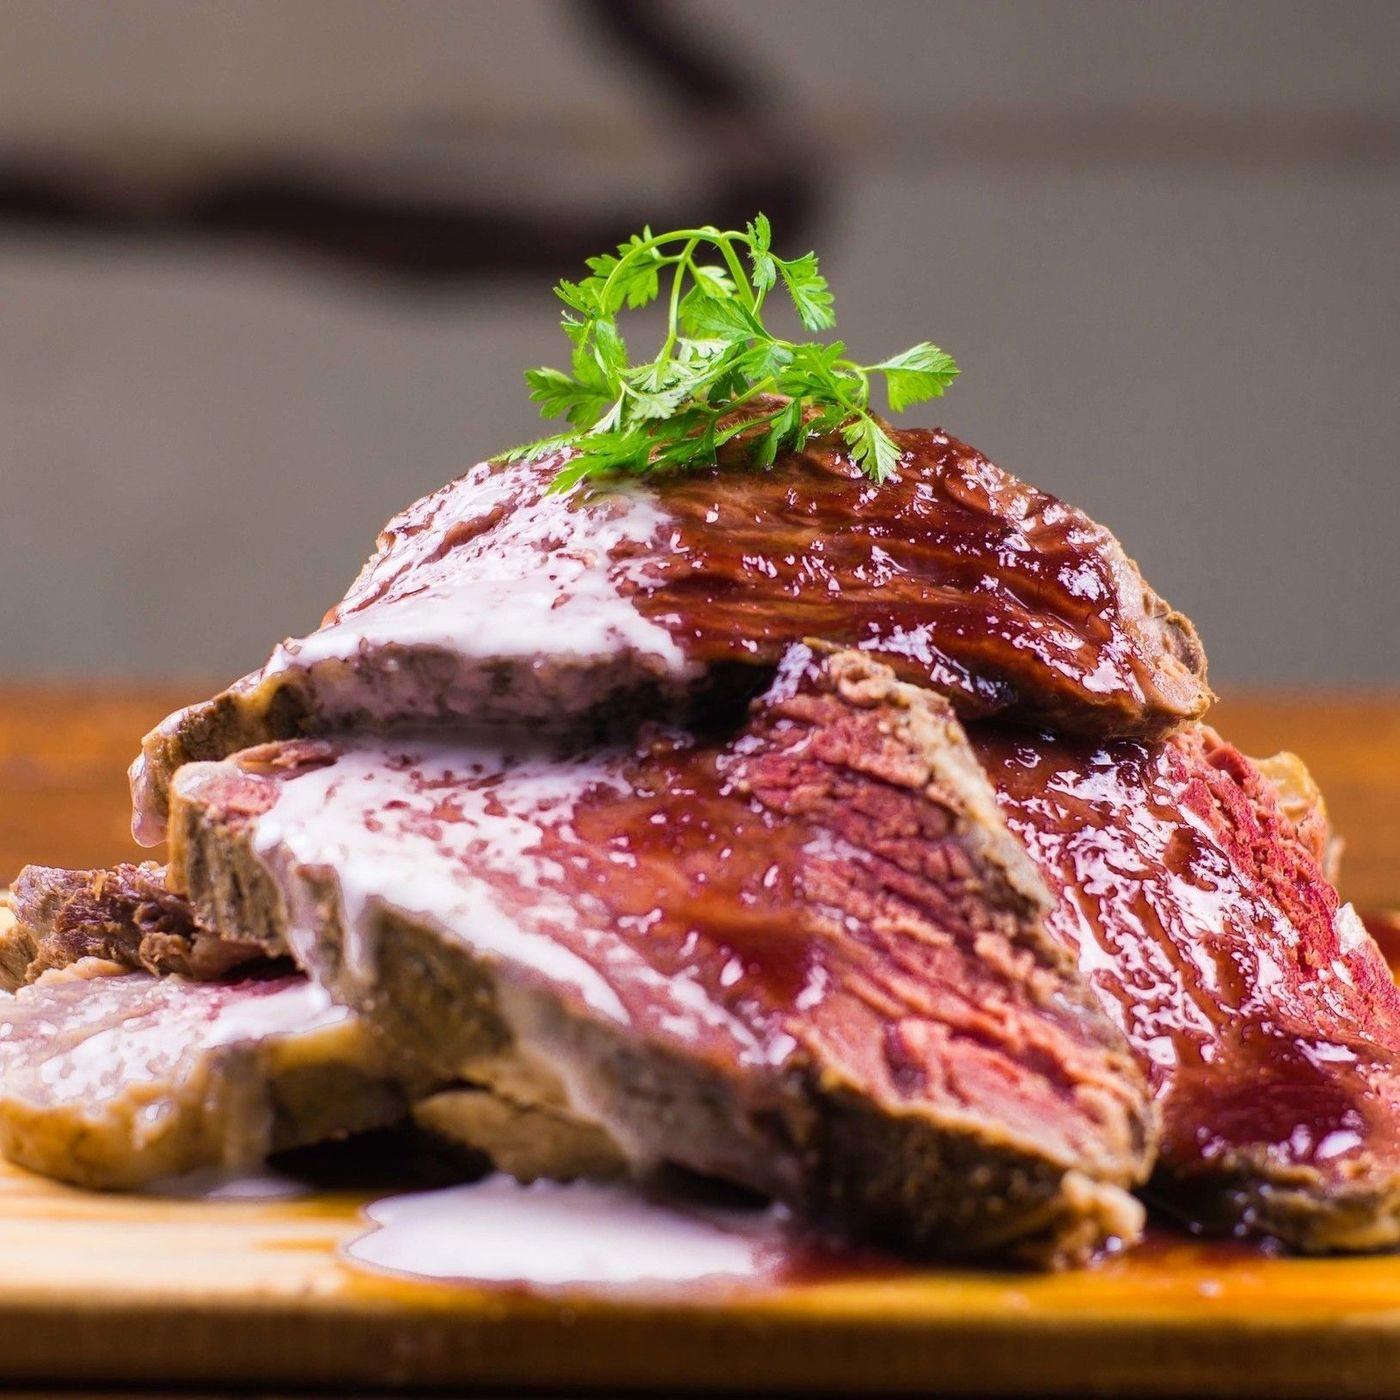 池袋で美味しいお肉を食べるならこのお店!筆者おすすめの厳選8店の画像